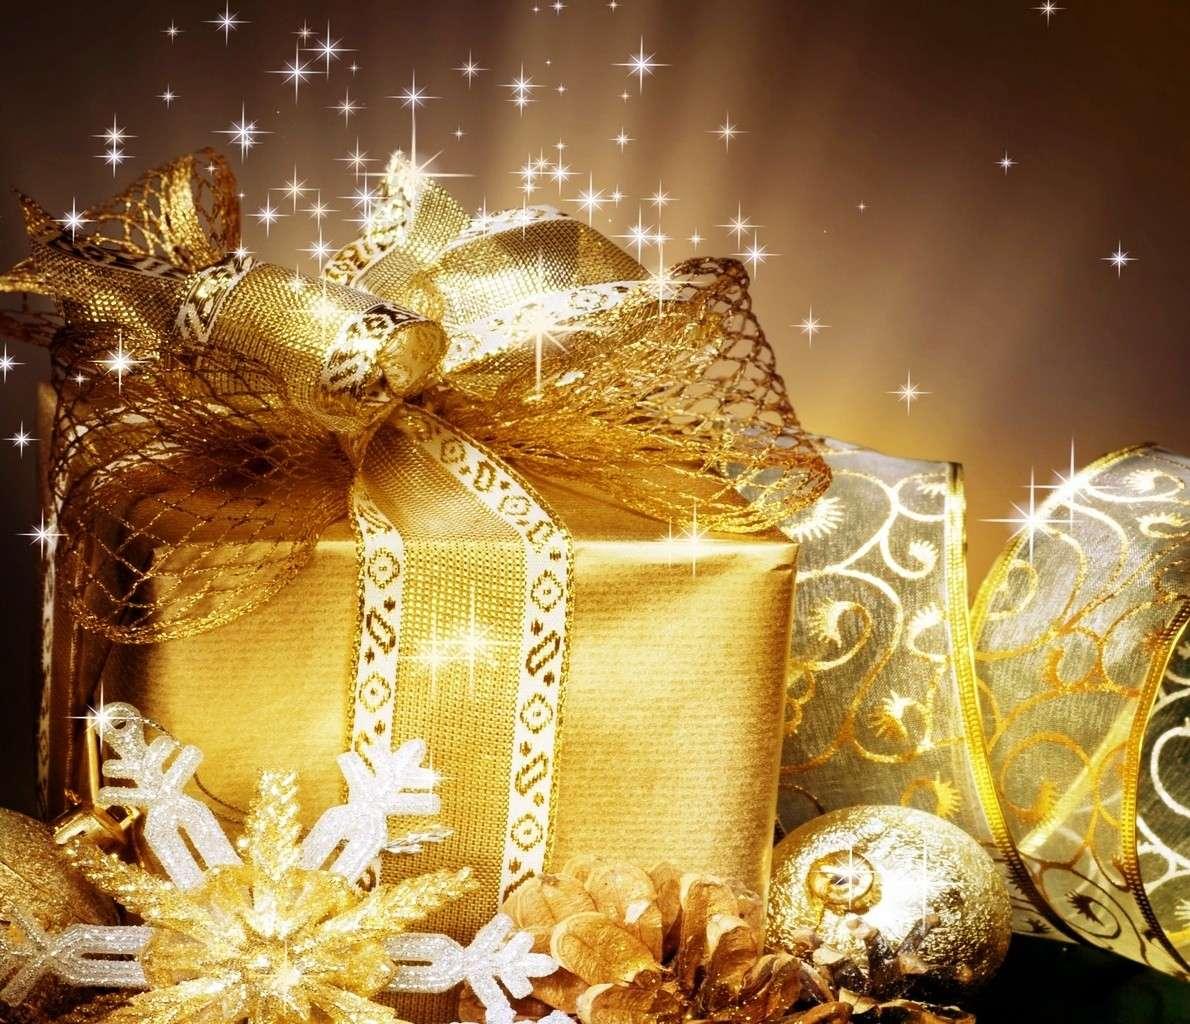 Regali Di Natale Da Spendere Poco.I Regali Di Natale Per Le Amiche Idee In E Scelte Out Foto